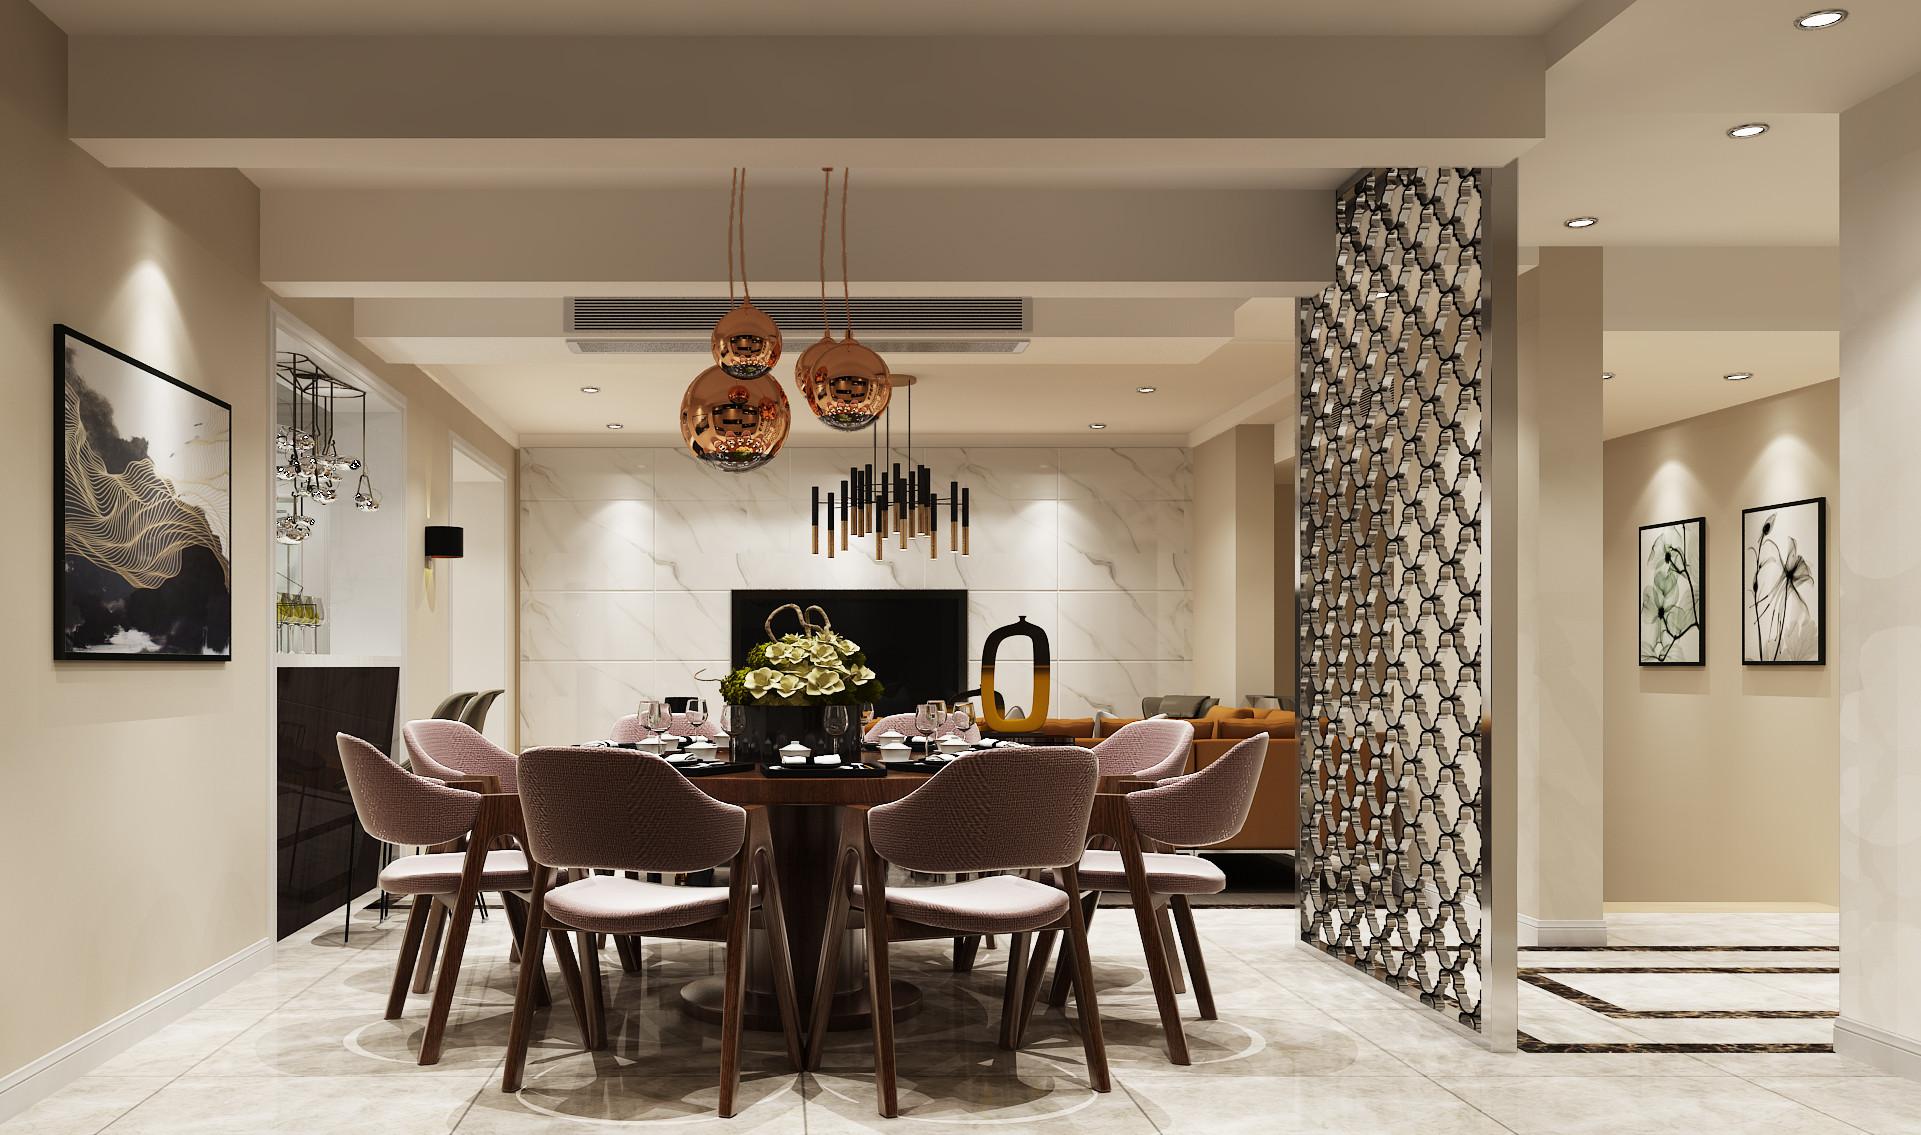 现代简约时尚装修餐厅设计效果图